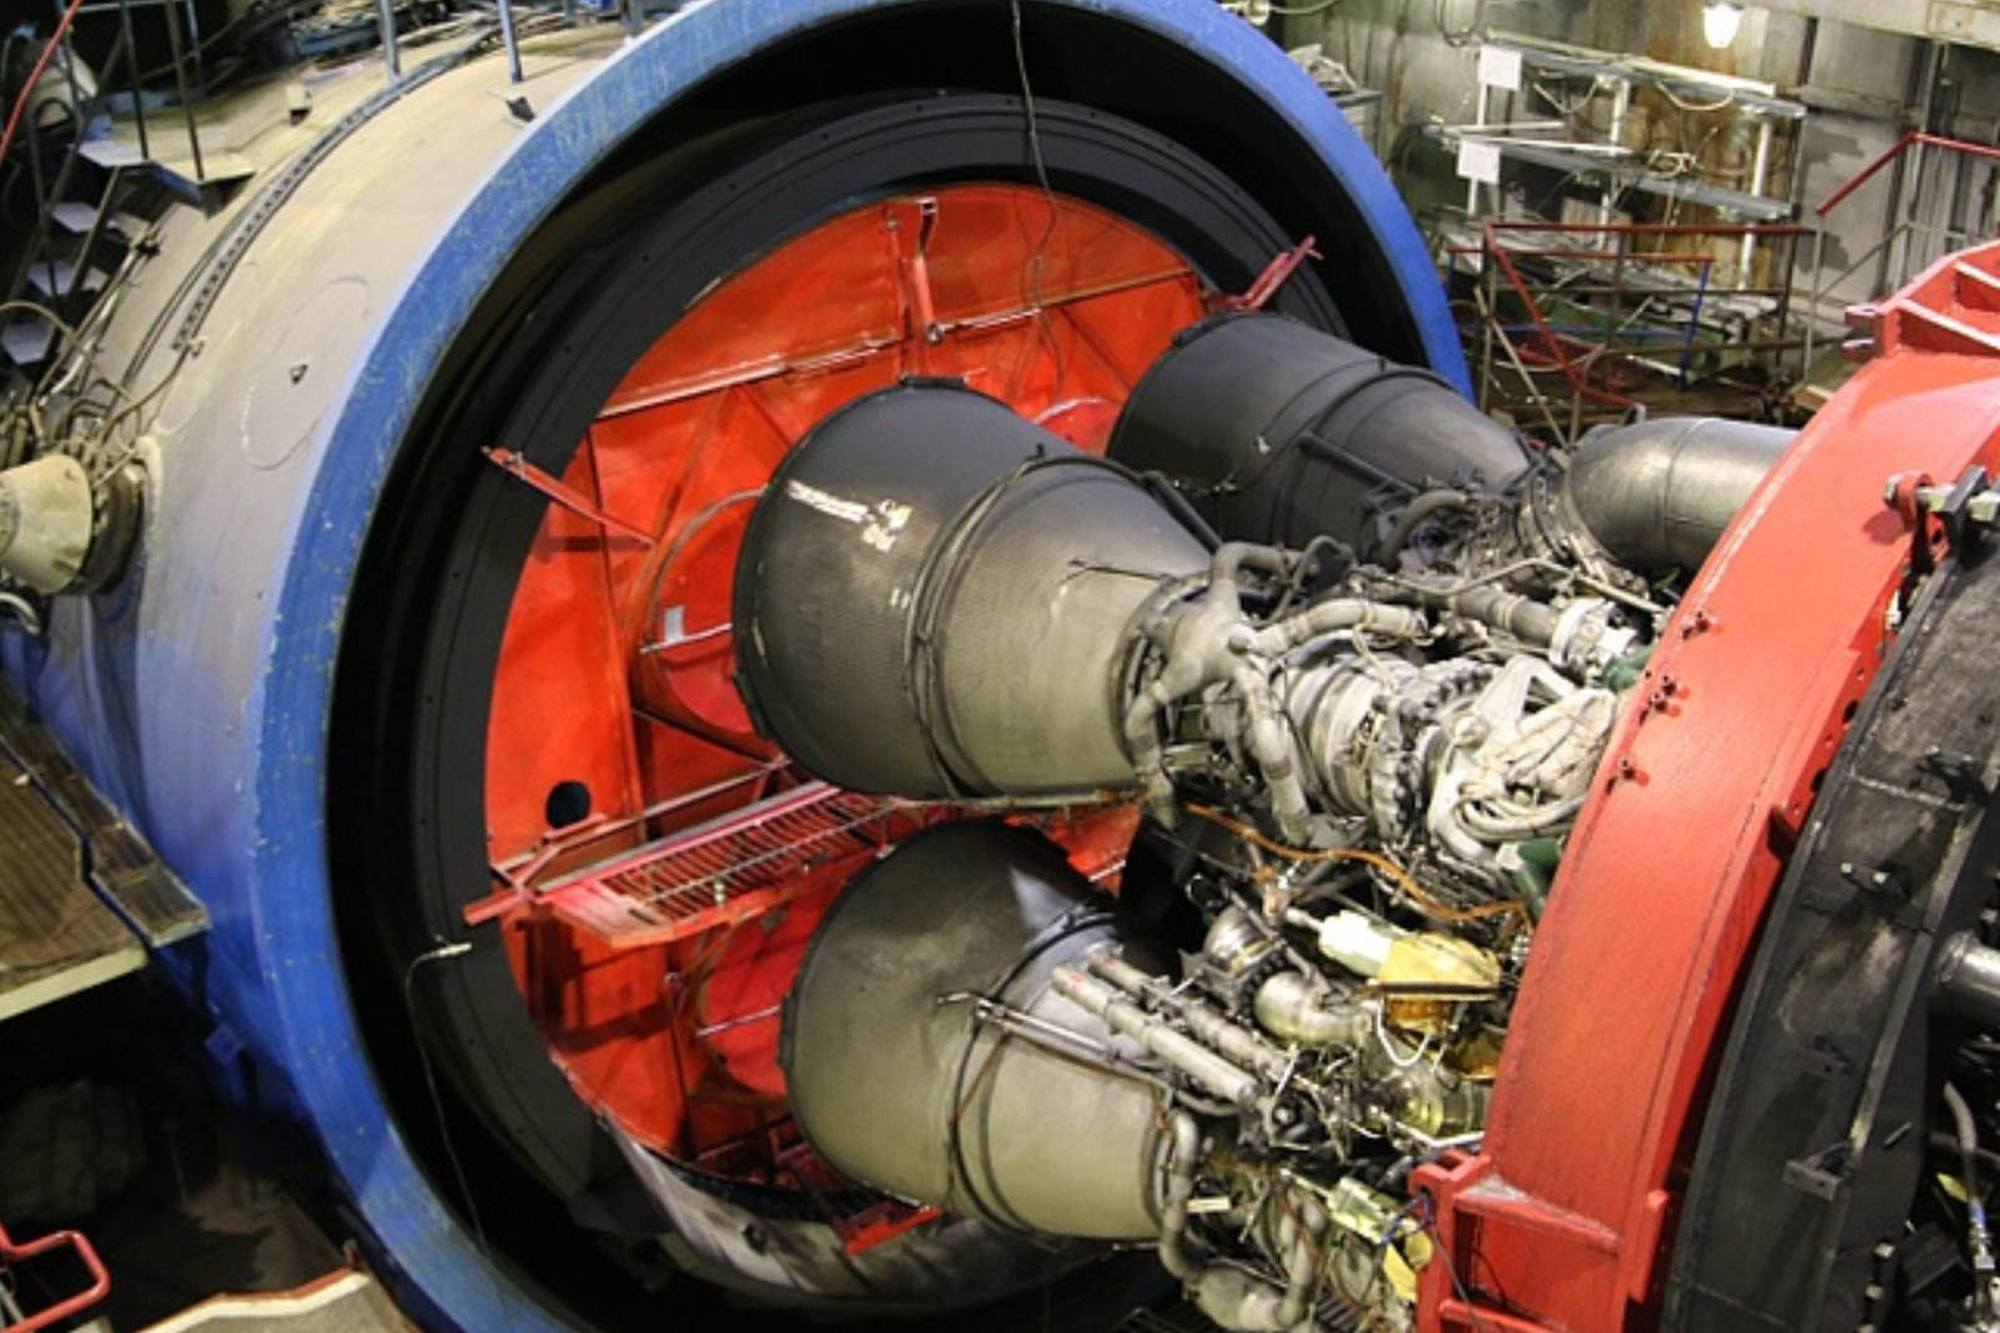 Le moteur RD-171MV sur le banc d'essai au feu chez Energomash.